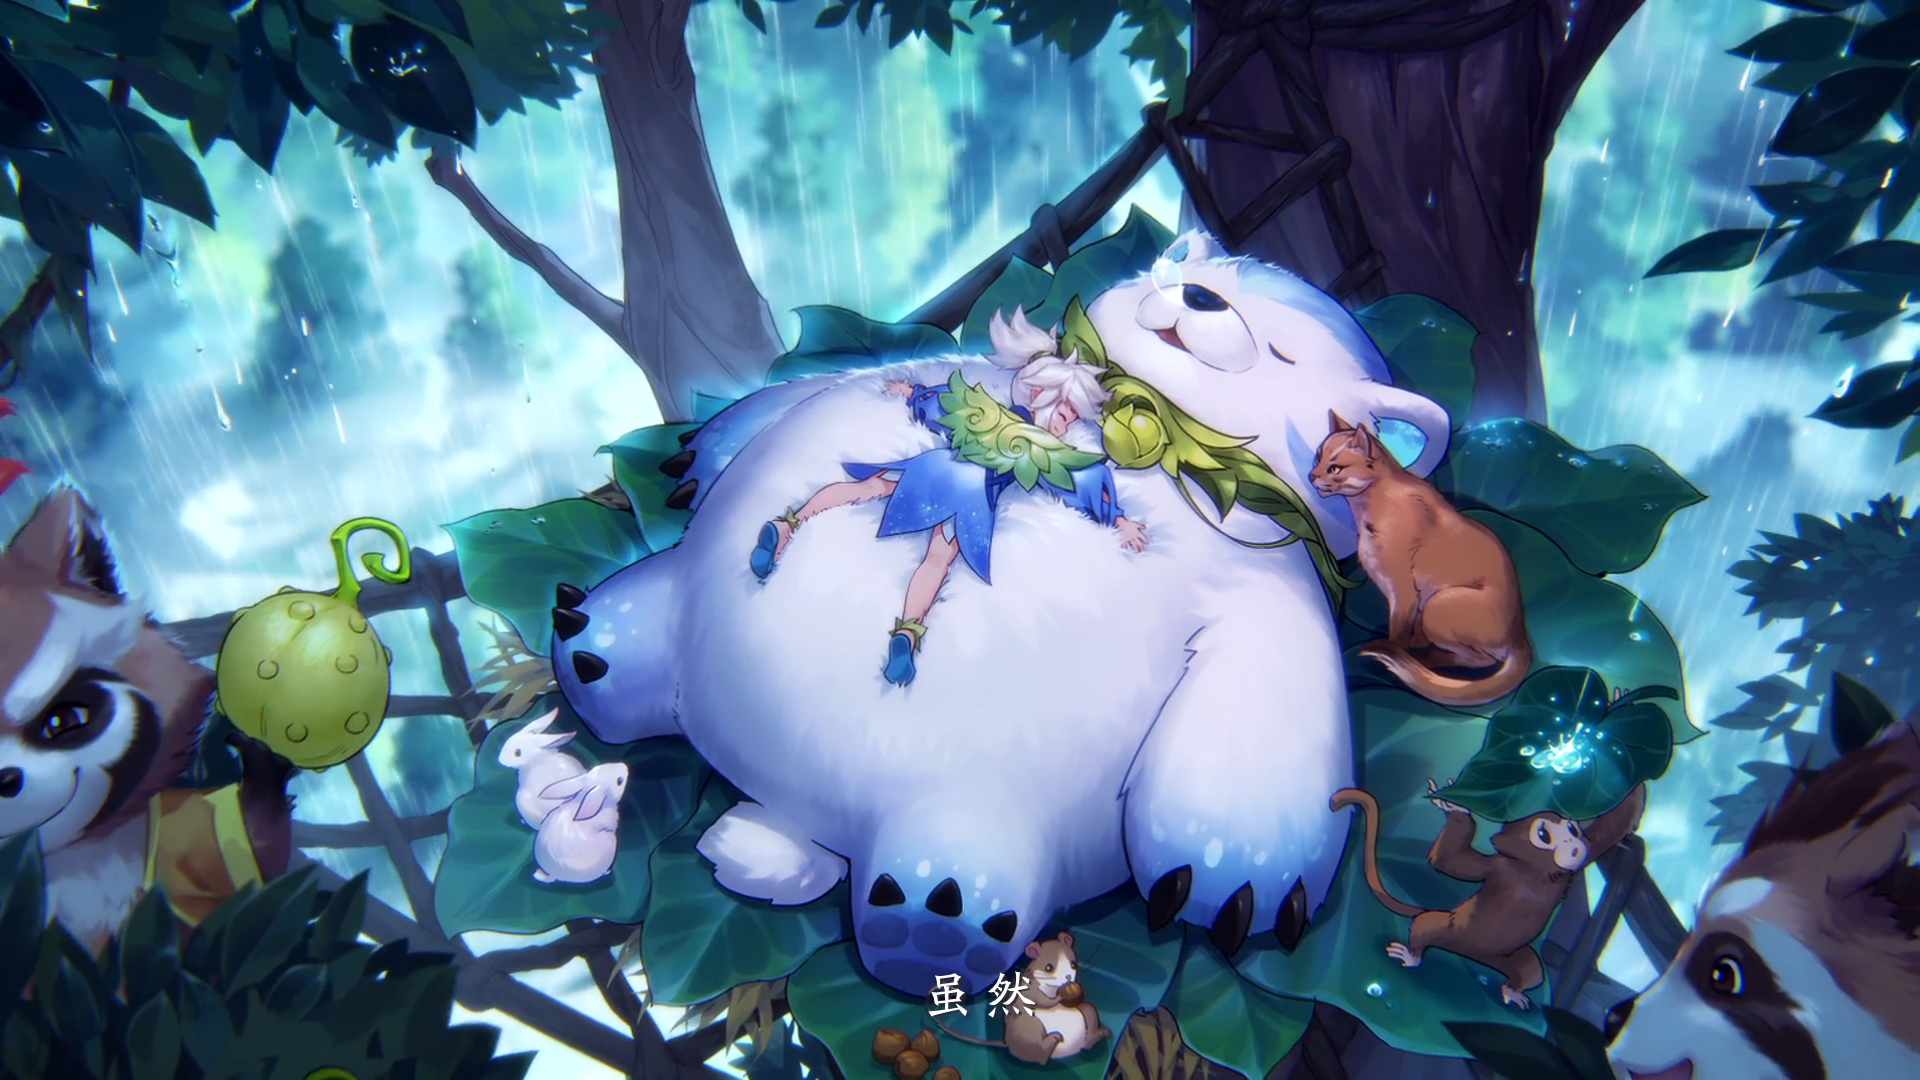 《【煜星娱乐线路】王者荣耀:阿离侍魂角色上新,阿古朵熊猫少女,曜FMVP终于来了》